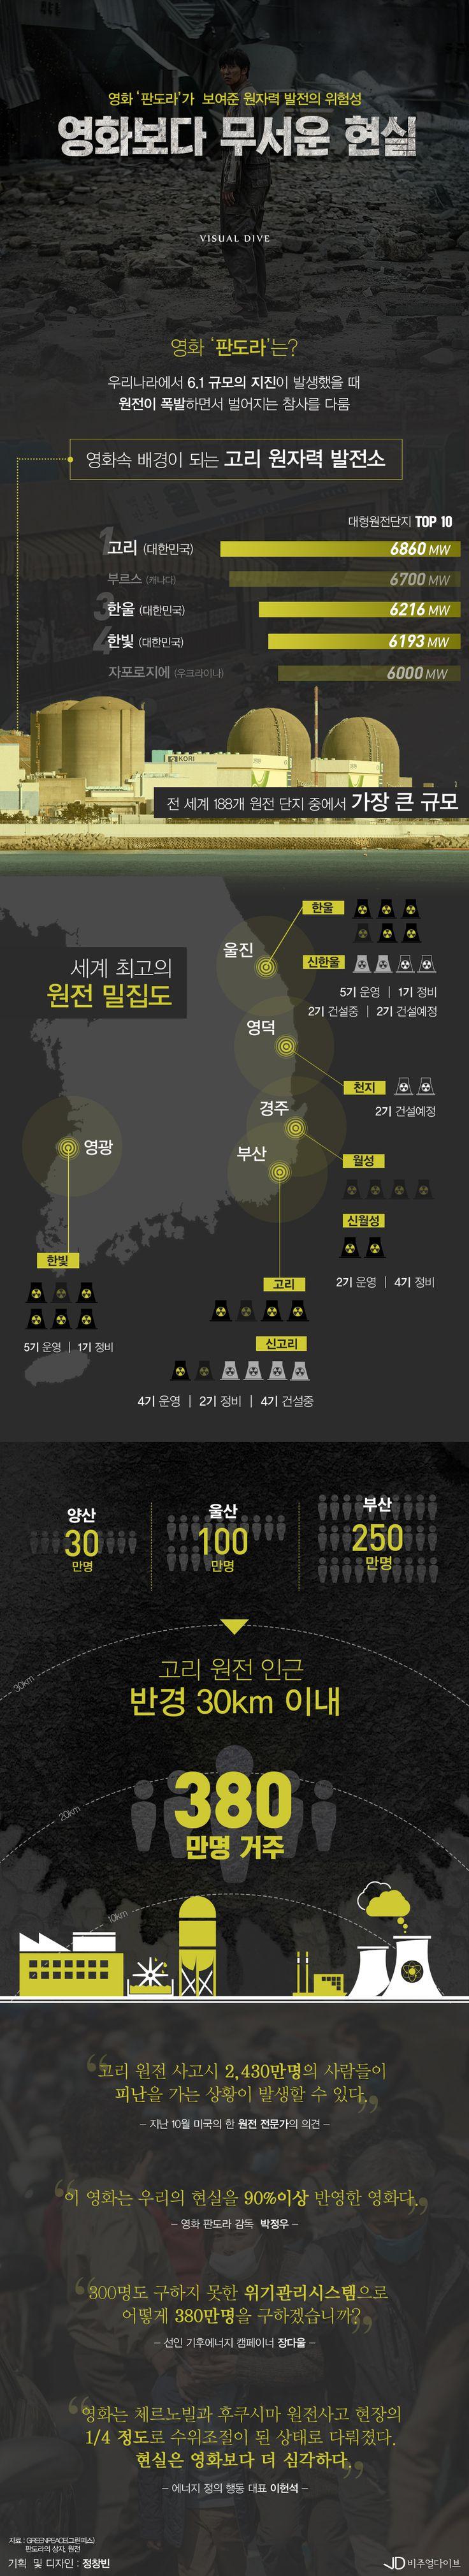 영화 '판도라'를 통해 본 원자력 발전의 위험성[인포그래픽] #atomic / #Infographic ⓒ 비주얼다이브 무단 복사·전재·재배포 금지